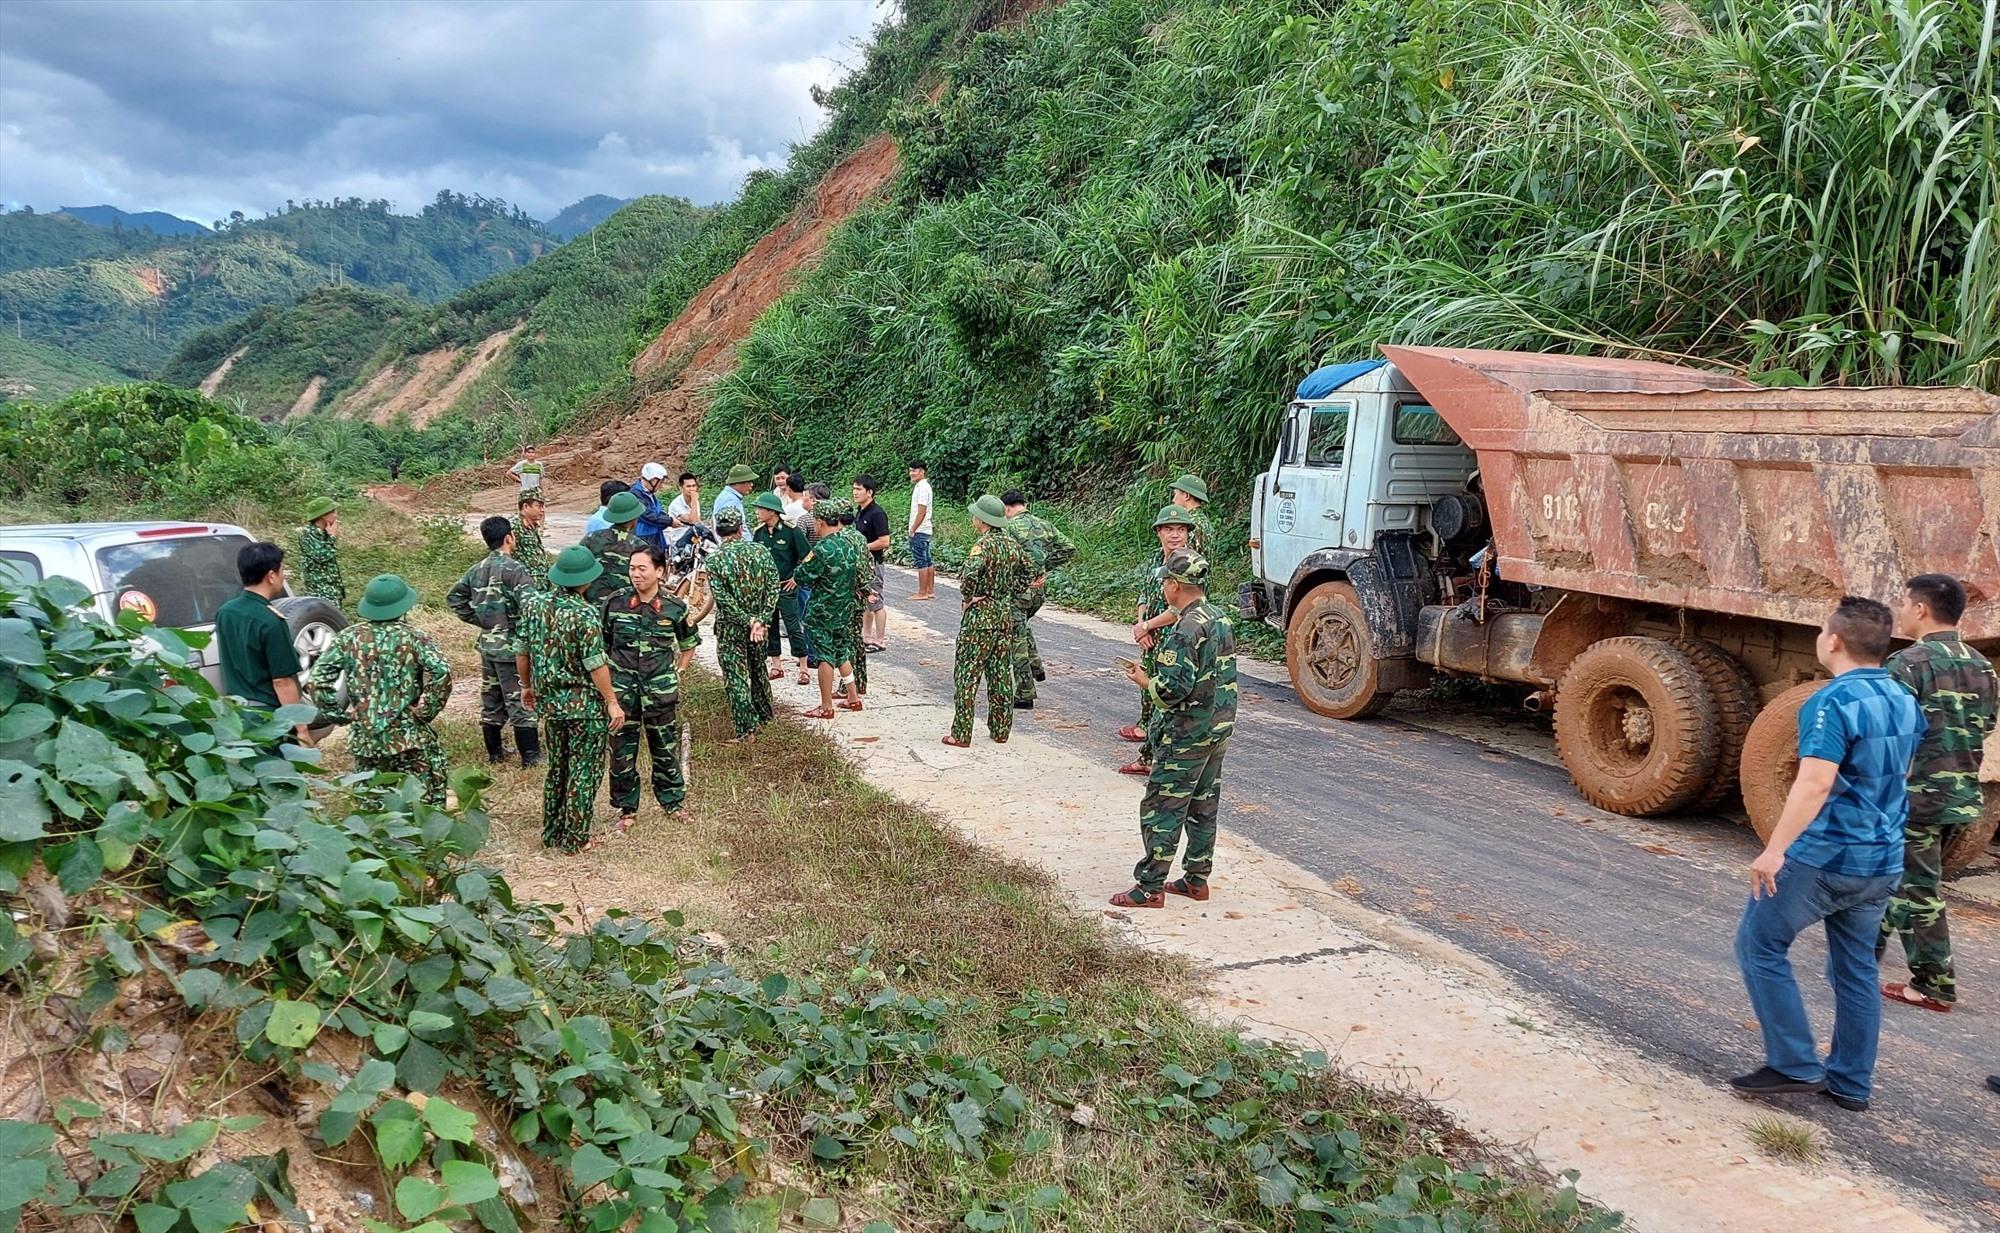 Đoàn công tác của tỉnh và các lực lượng bàn phương án nhanh nhất có thể để sớm tiếp cận hiện trường.